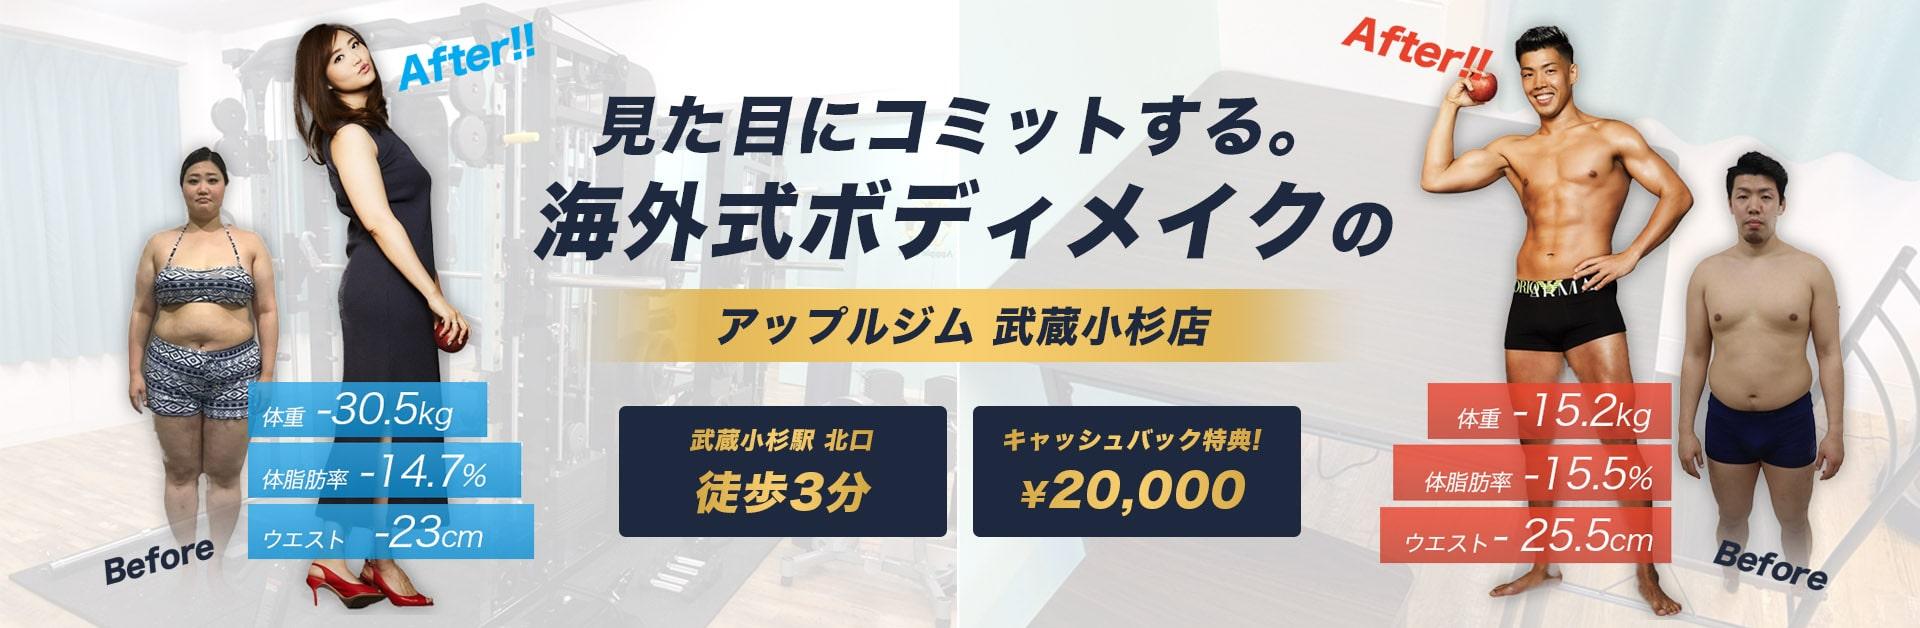 見た目にコミットする。海外式ボディメイクのアップルジム 武蔵小杉店